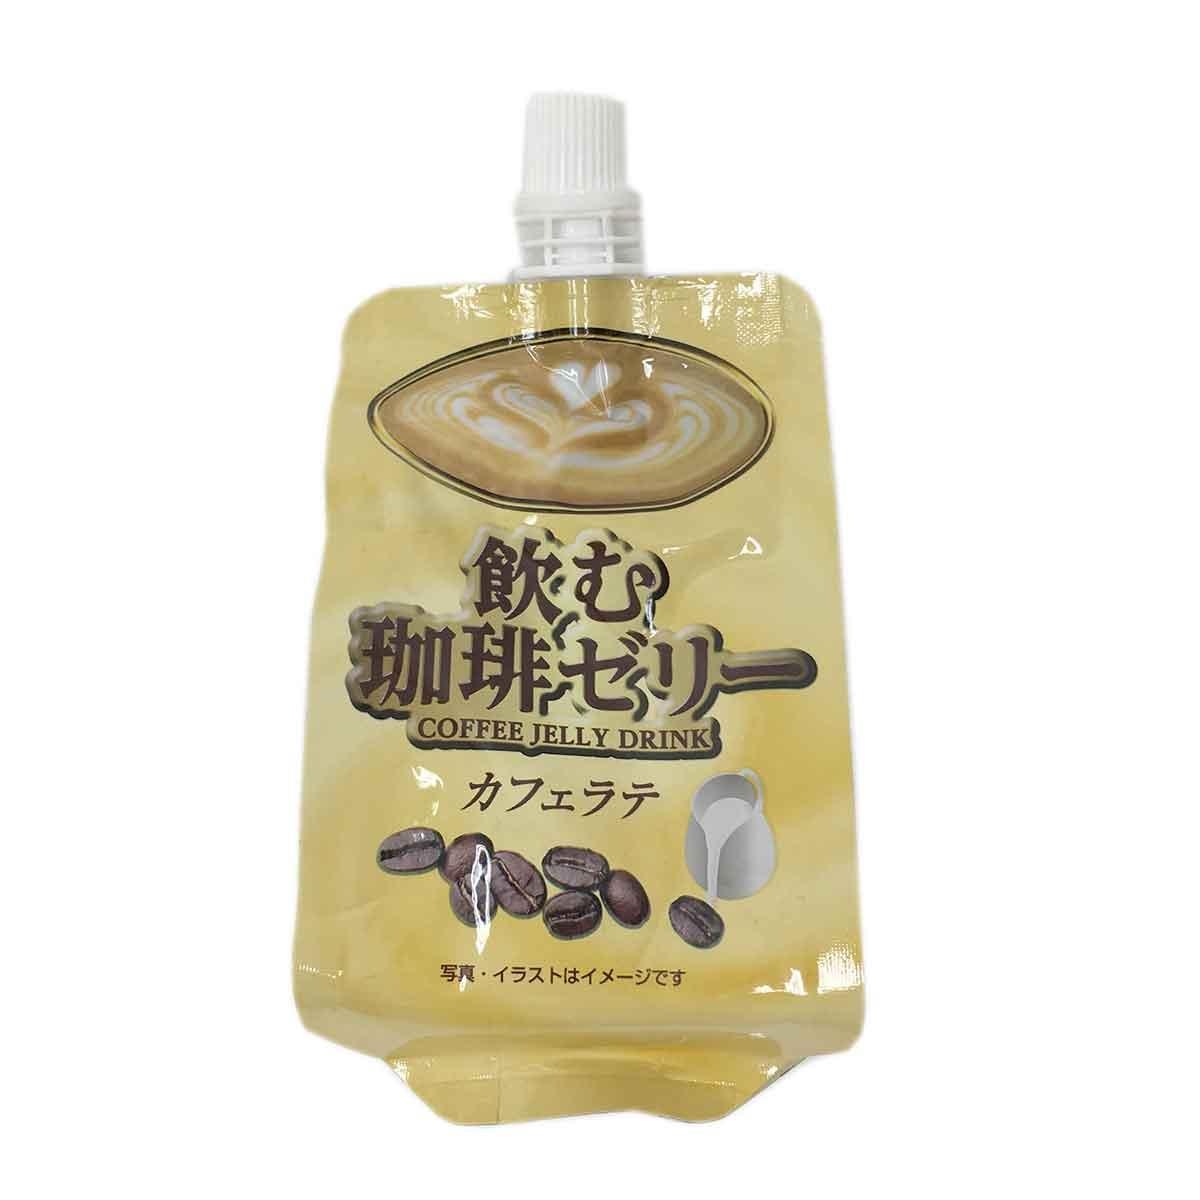 咖啡風味吸凍飲 日本進口製造